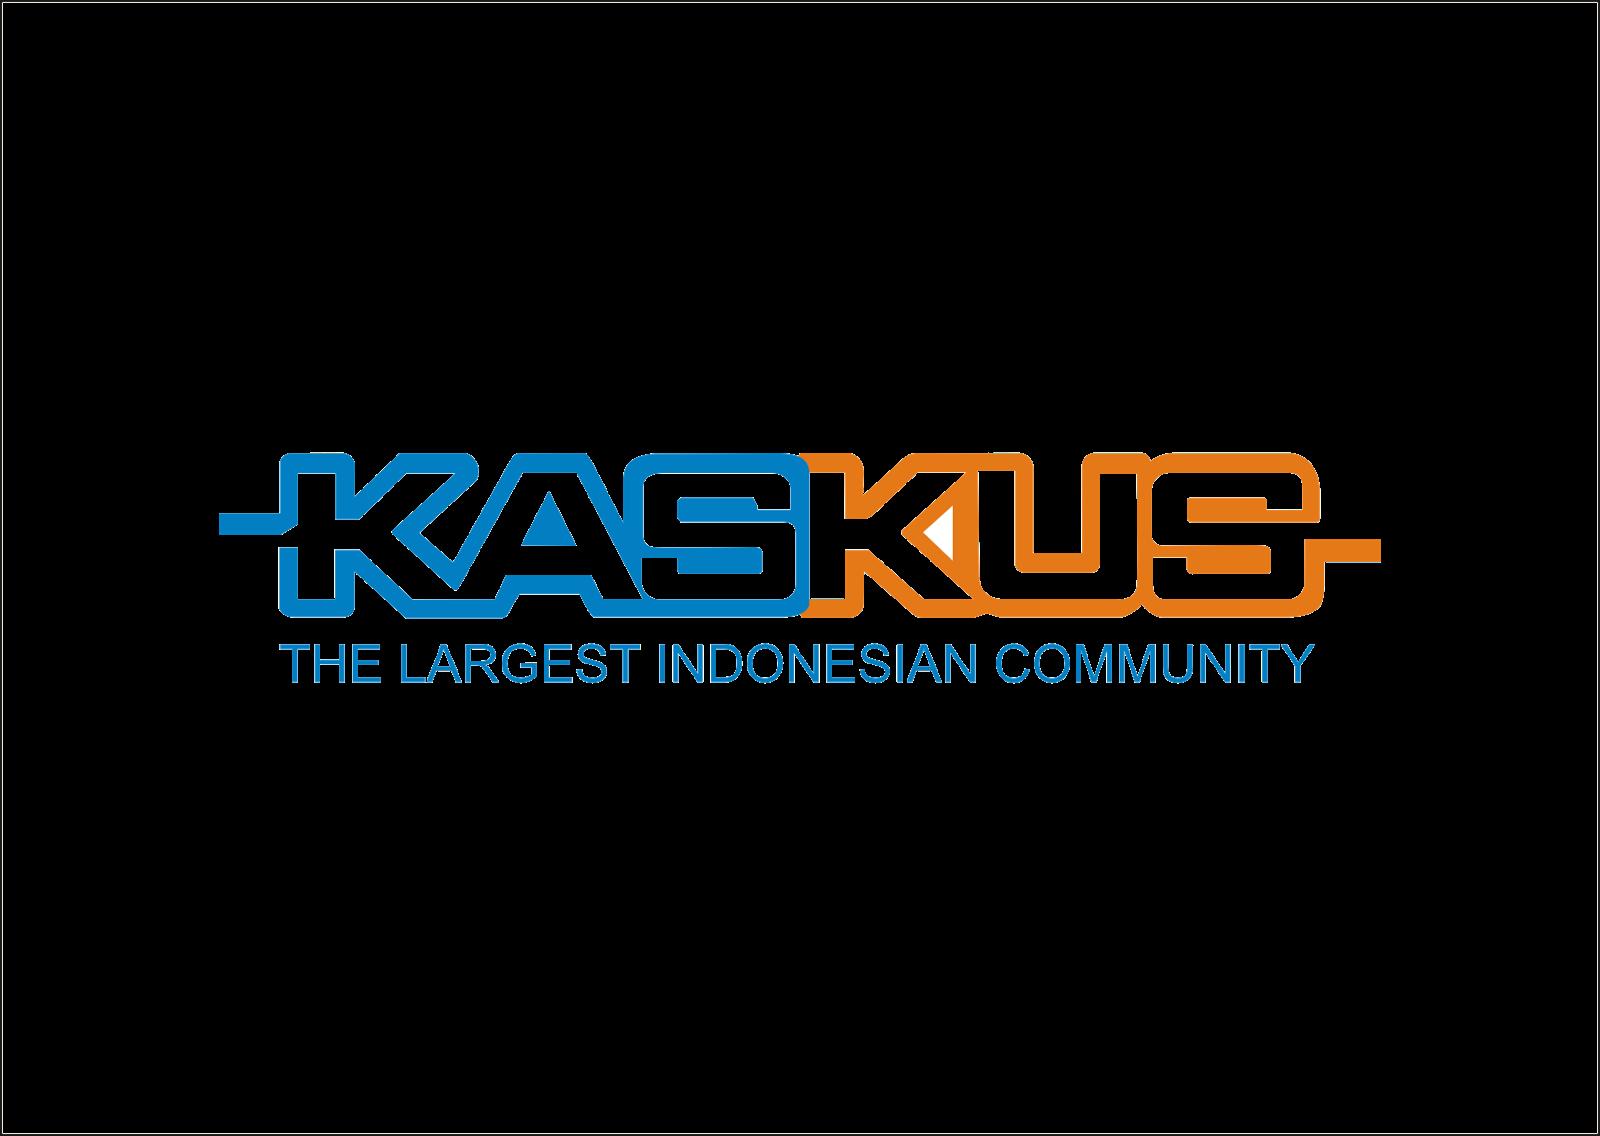 Download Logo Kaskus Vector